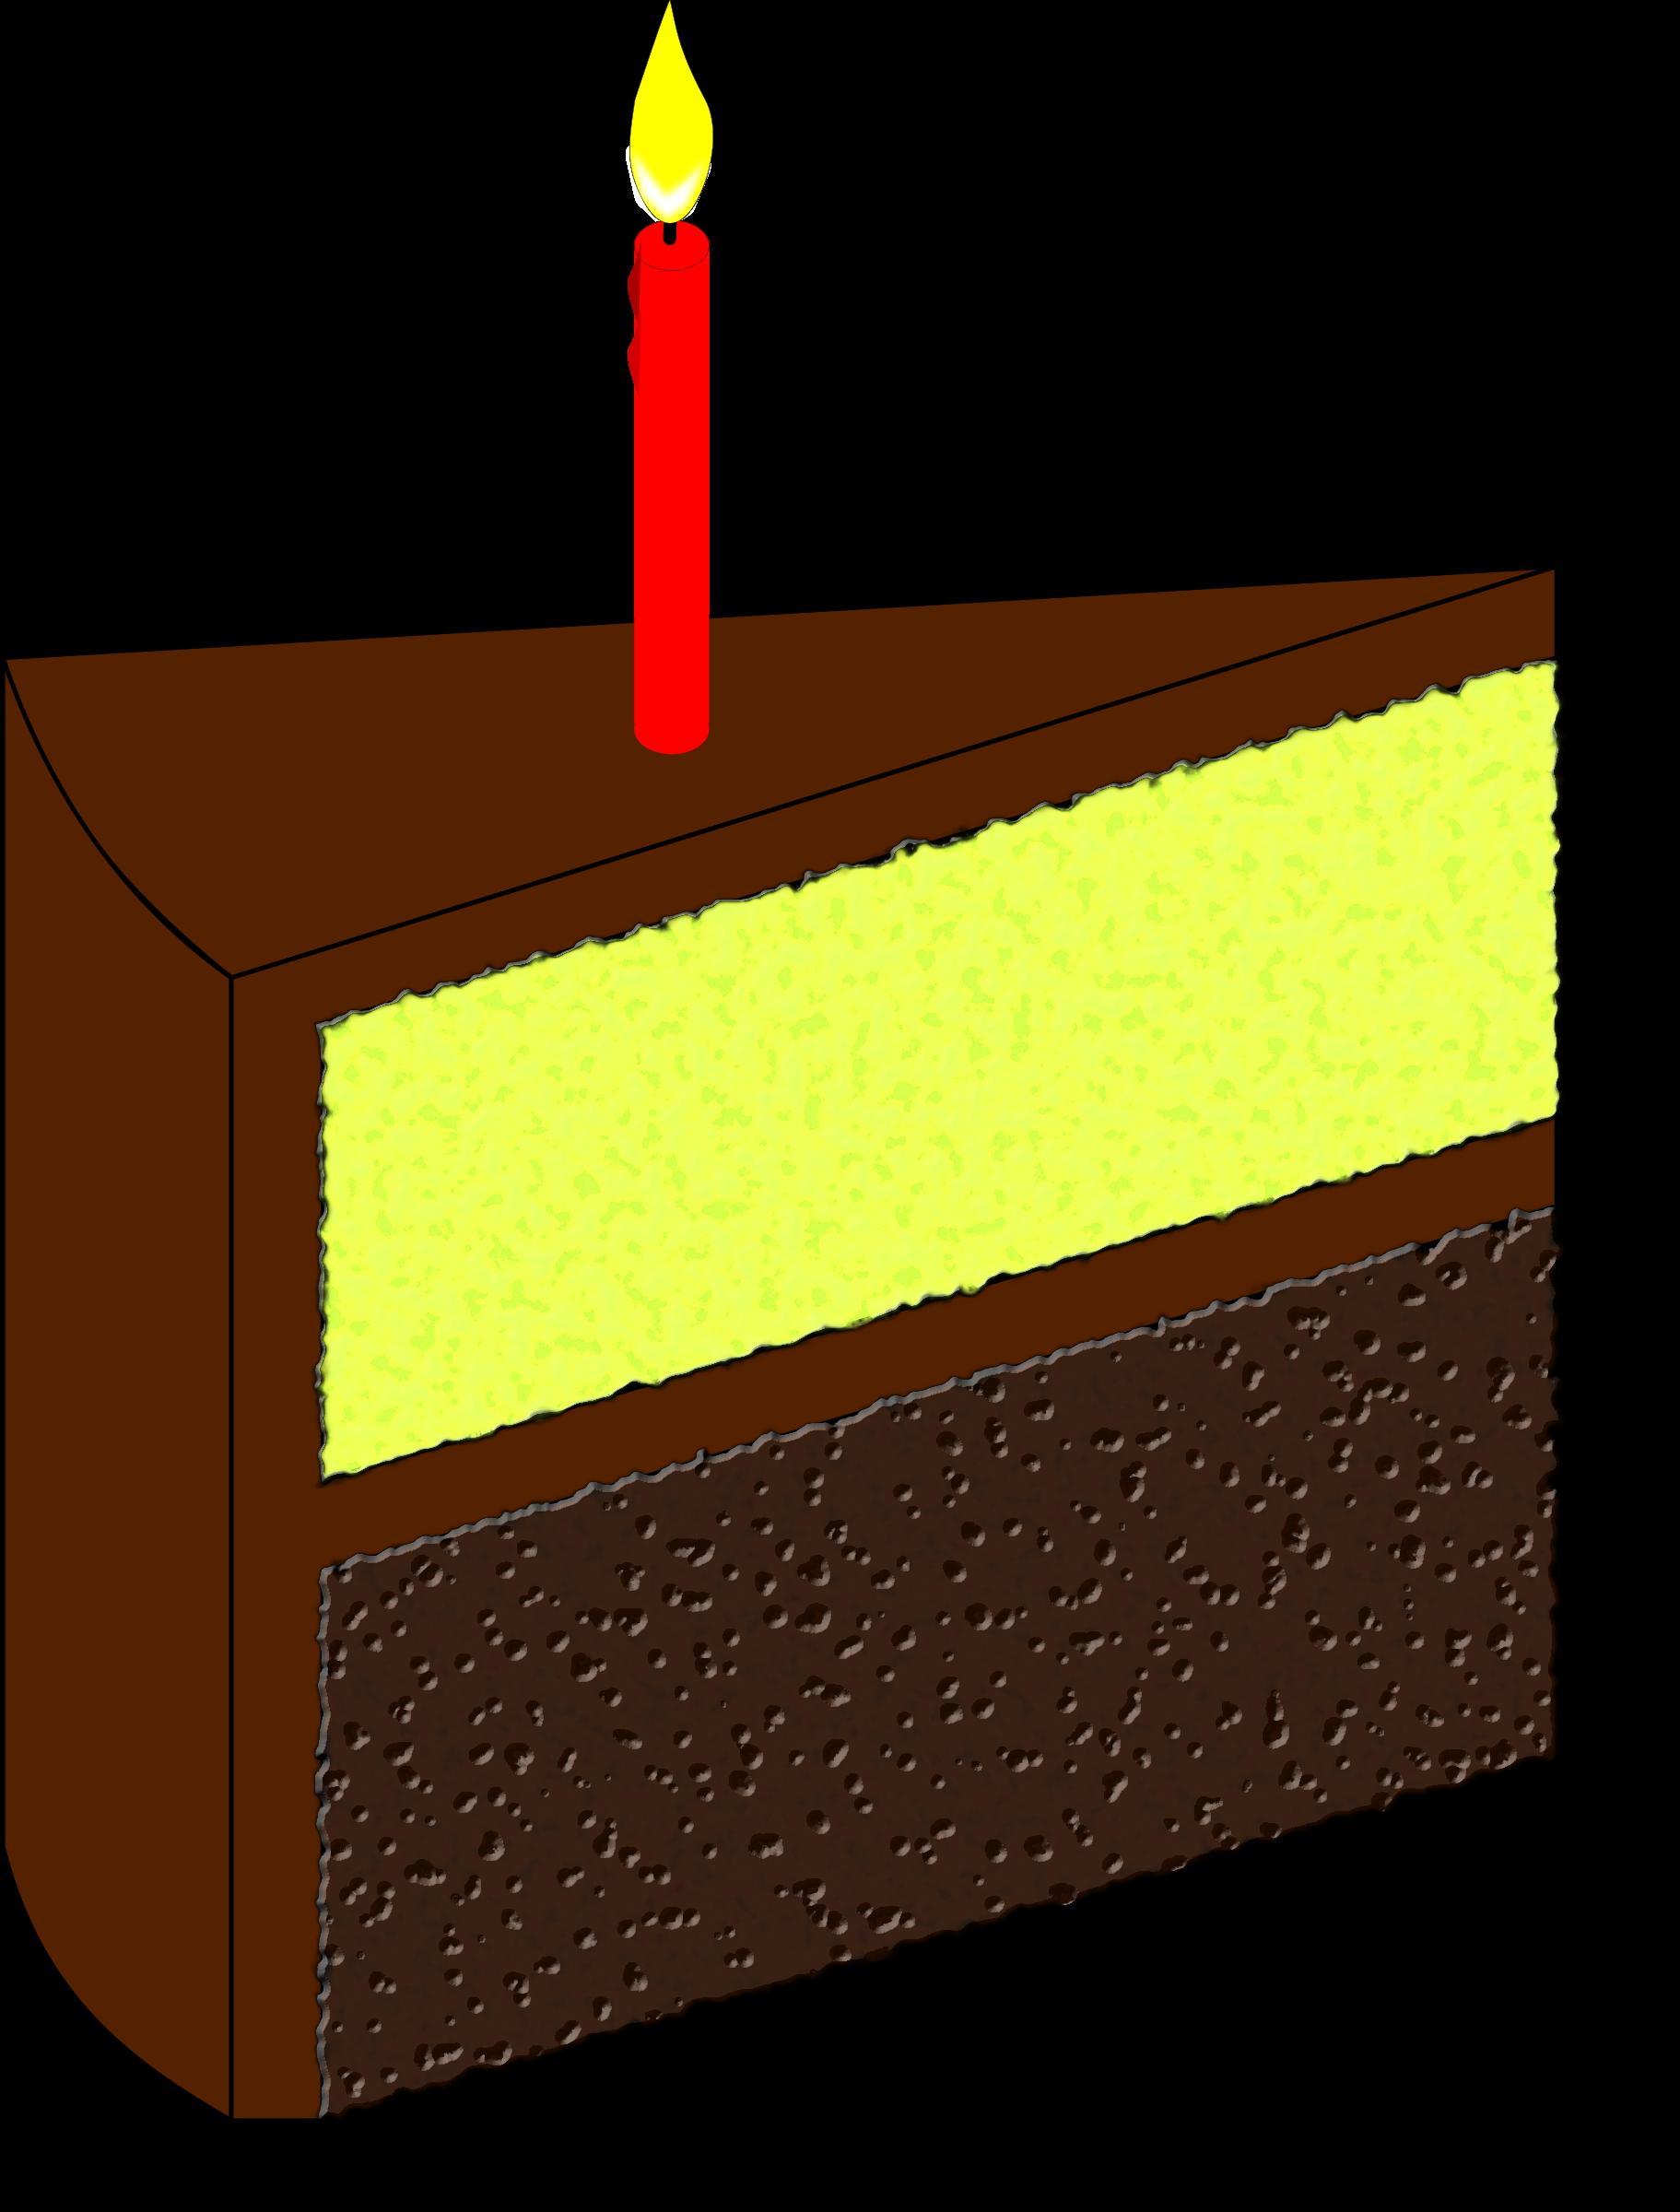 Slice of cake clip art jpg library stock Clipart - Slice of Cake jpg library stock